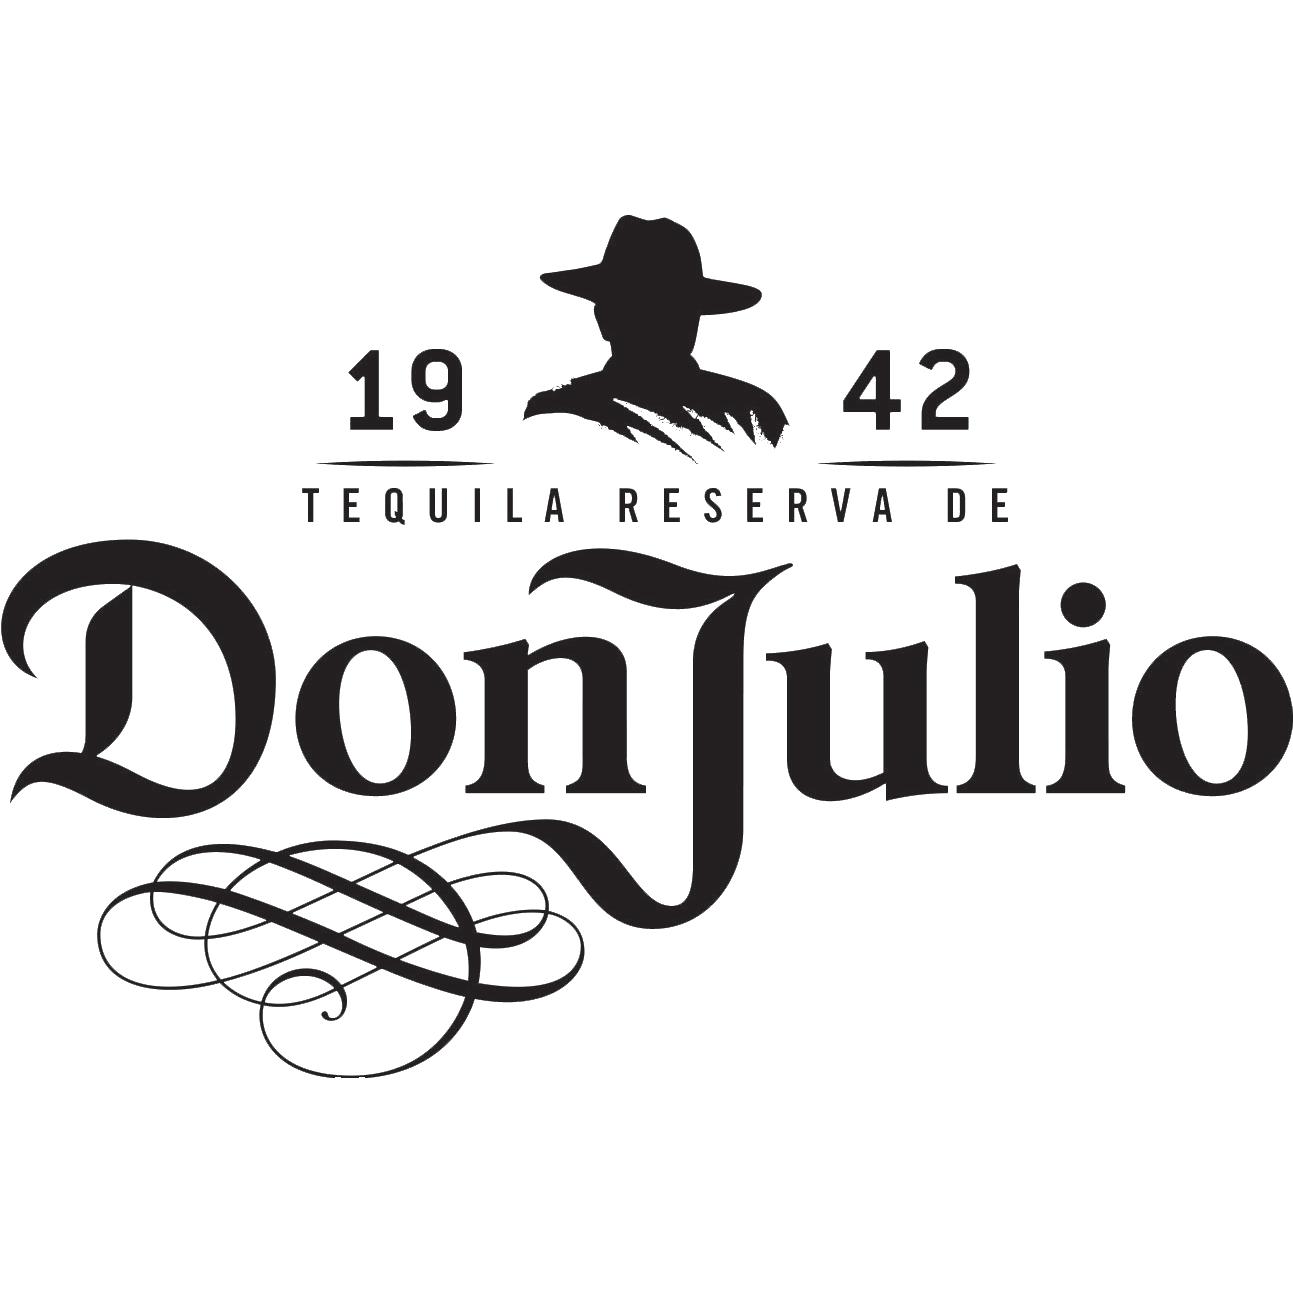 DON-JULIO-copy.png